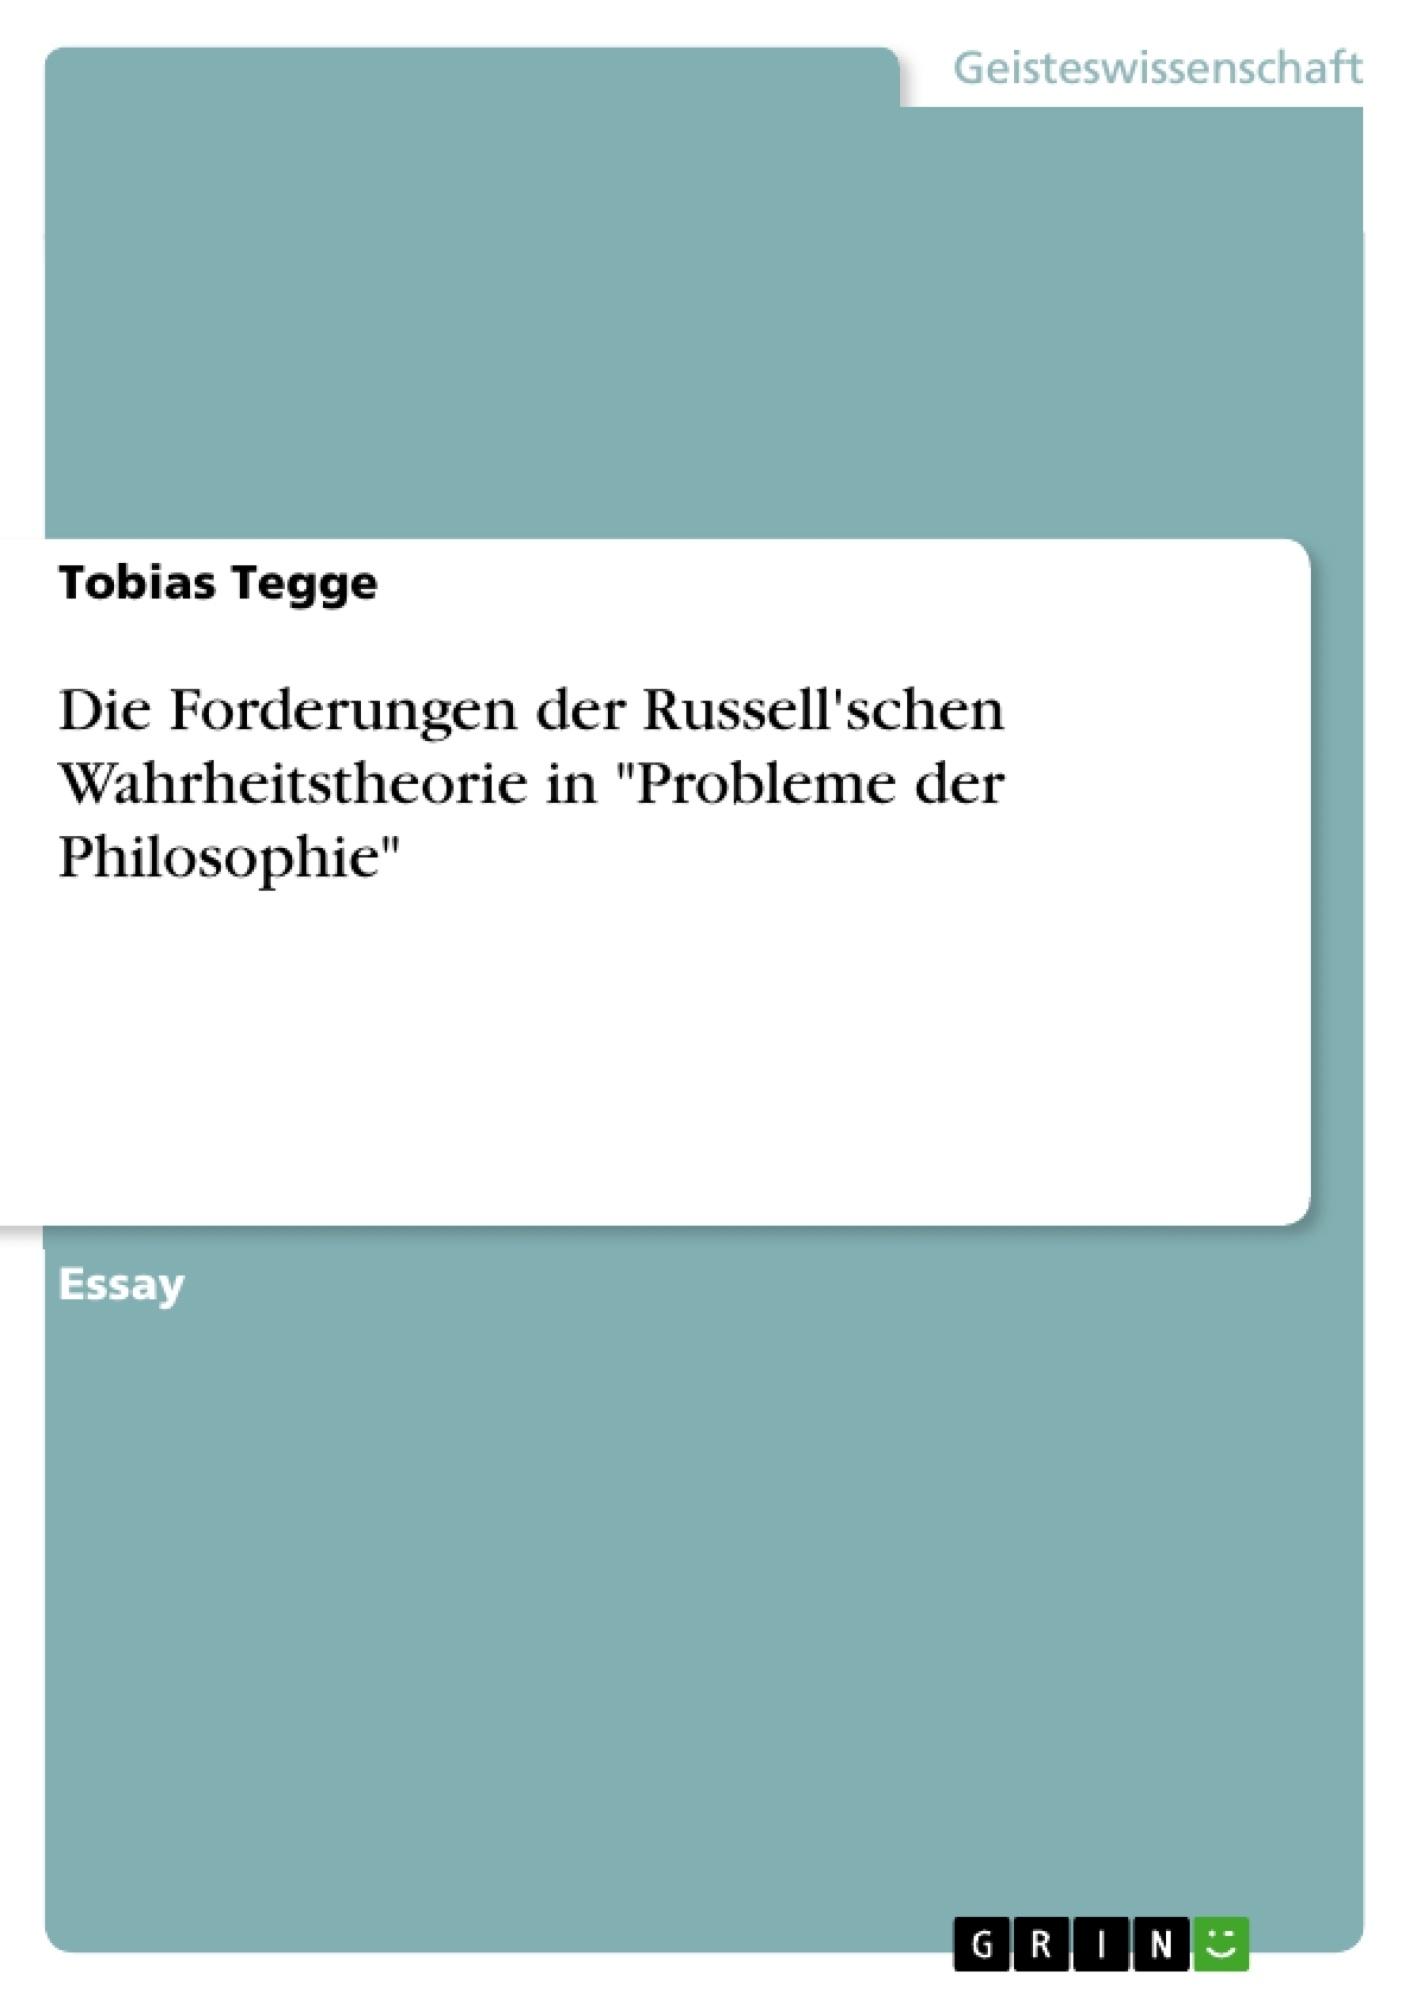 """Titel: Die Forderungen der Russell'schen Wahrheitstheorie in """"Probleme der Philosophie"""""""